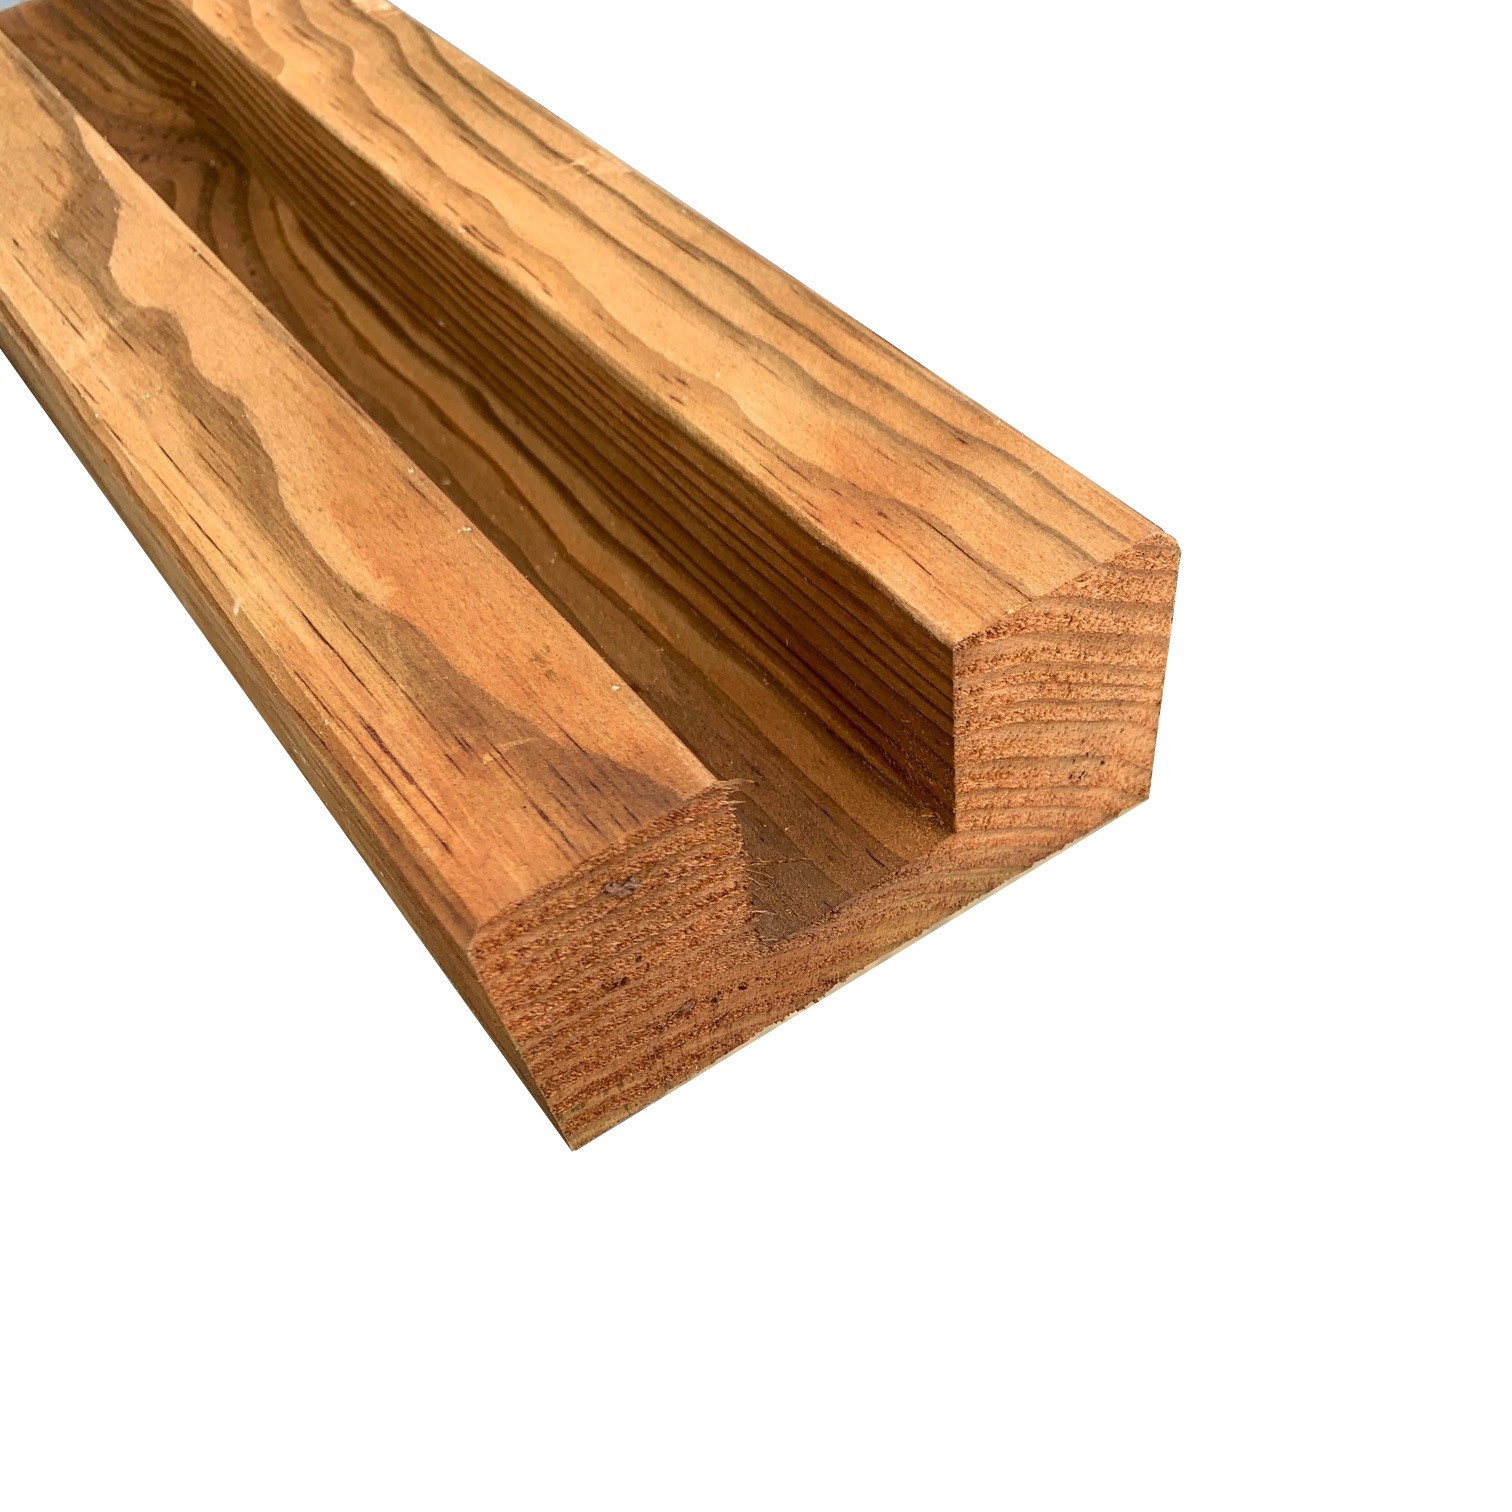 Poteaux bois poteau cloture marron 2 rainures 90x90x2000 mm for Poteau bois exterieur